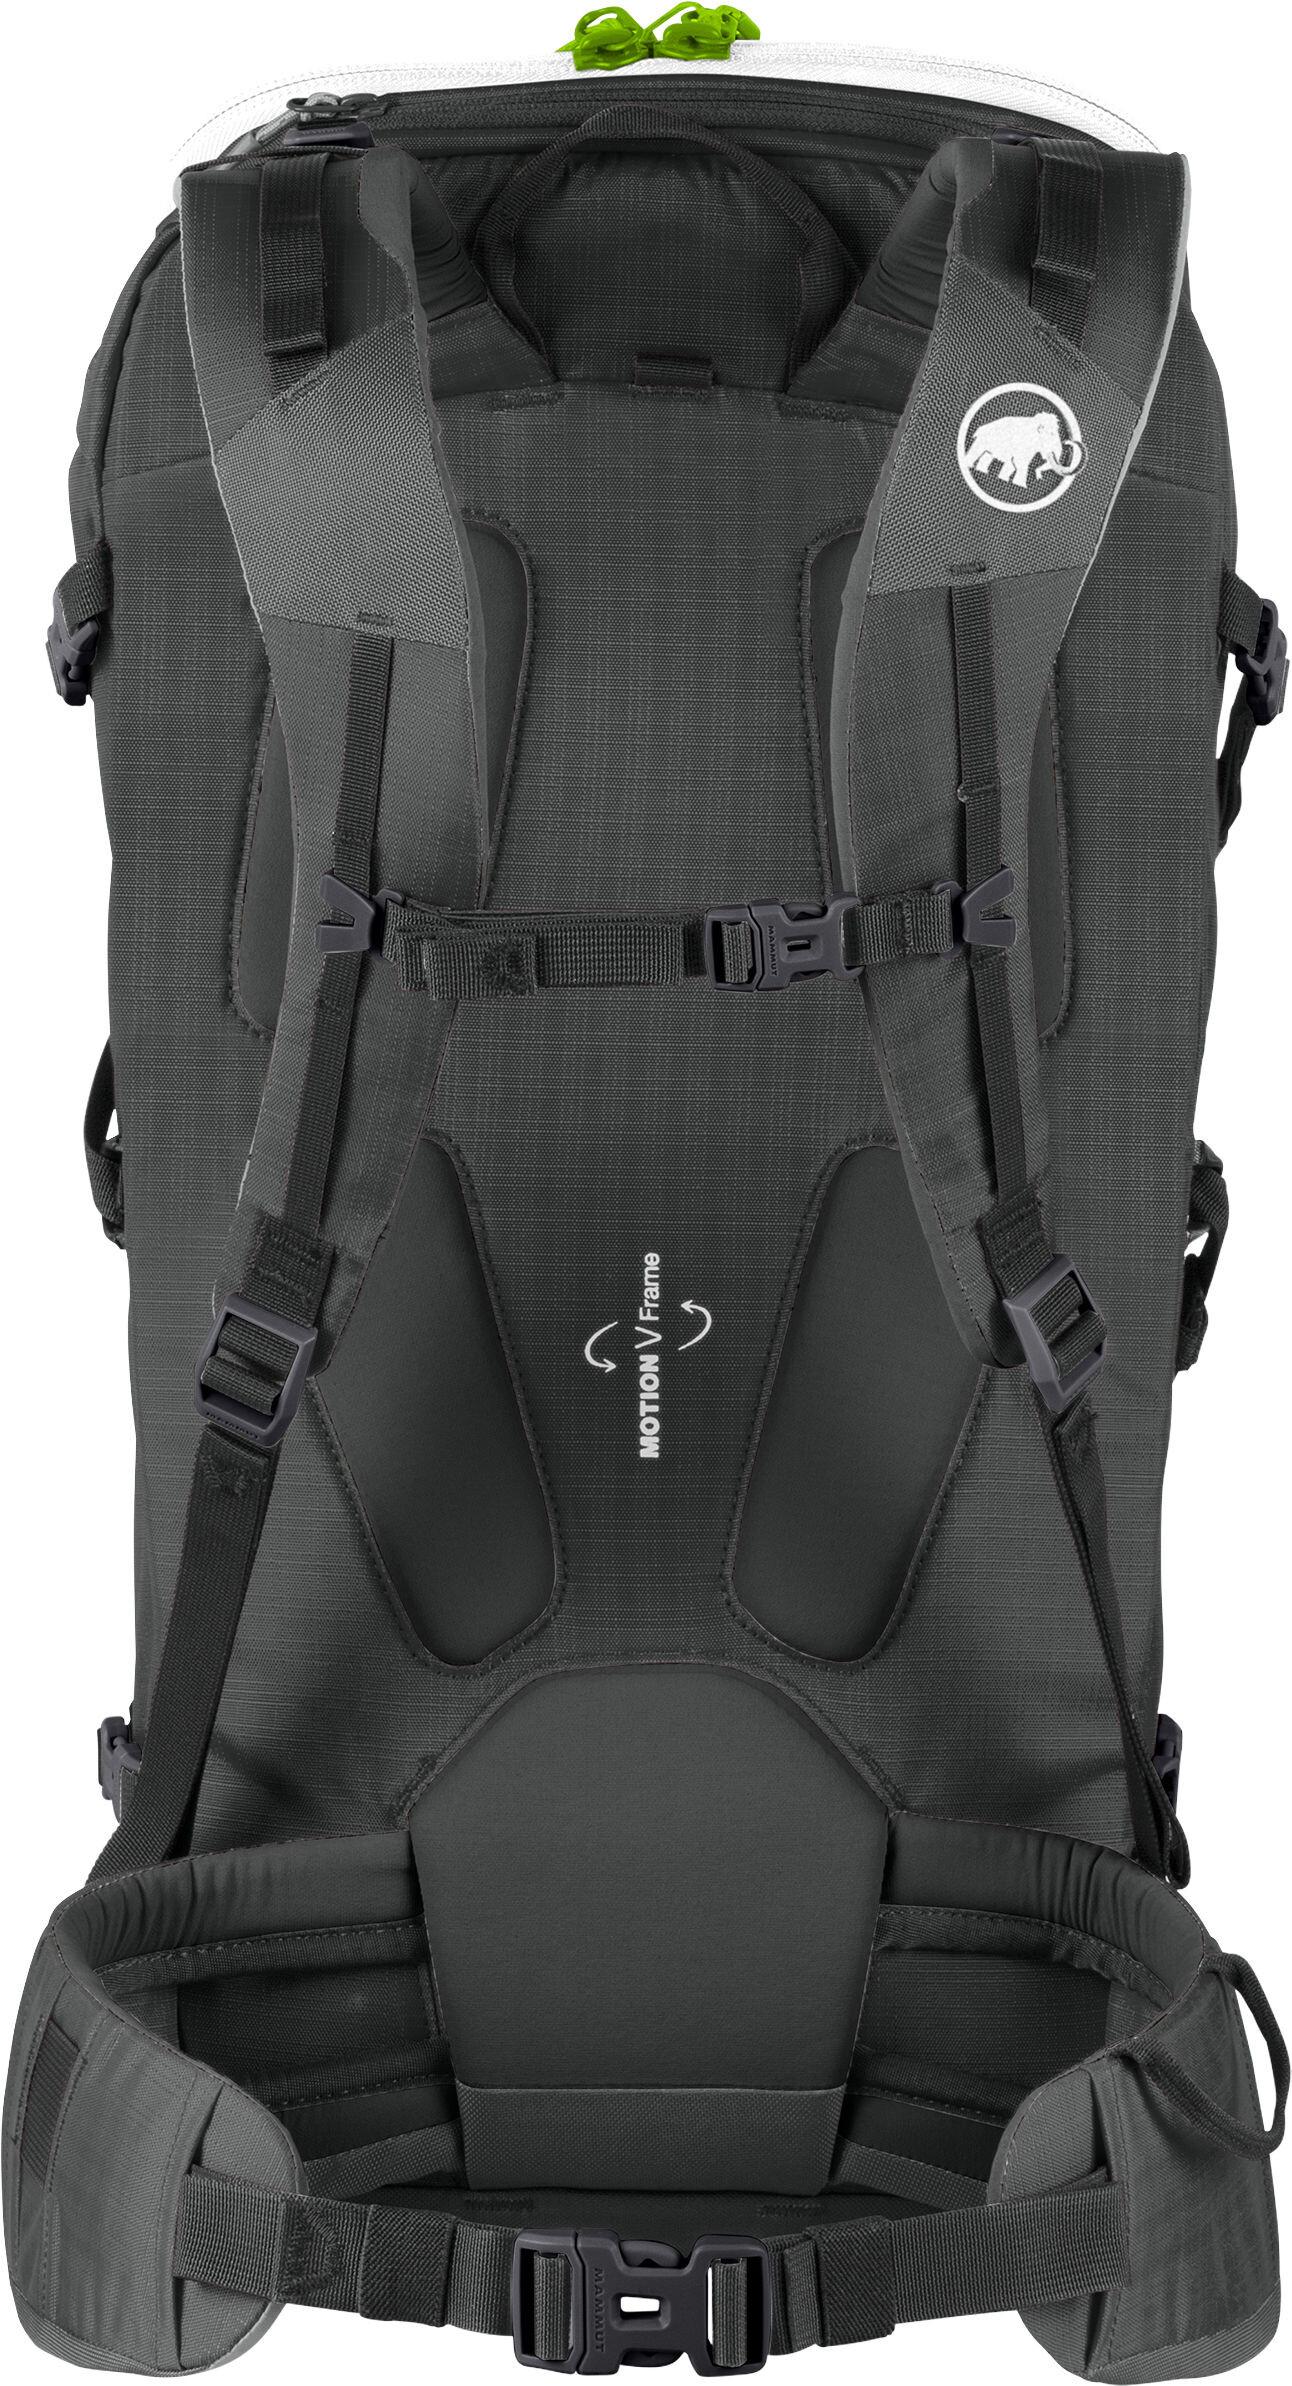 92ce1d057aba6 Mammut Trion Zip 28 Backpack titanium